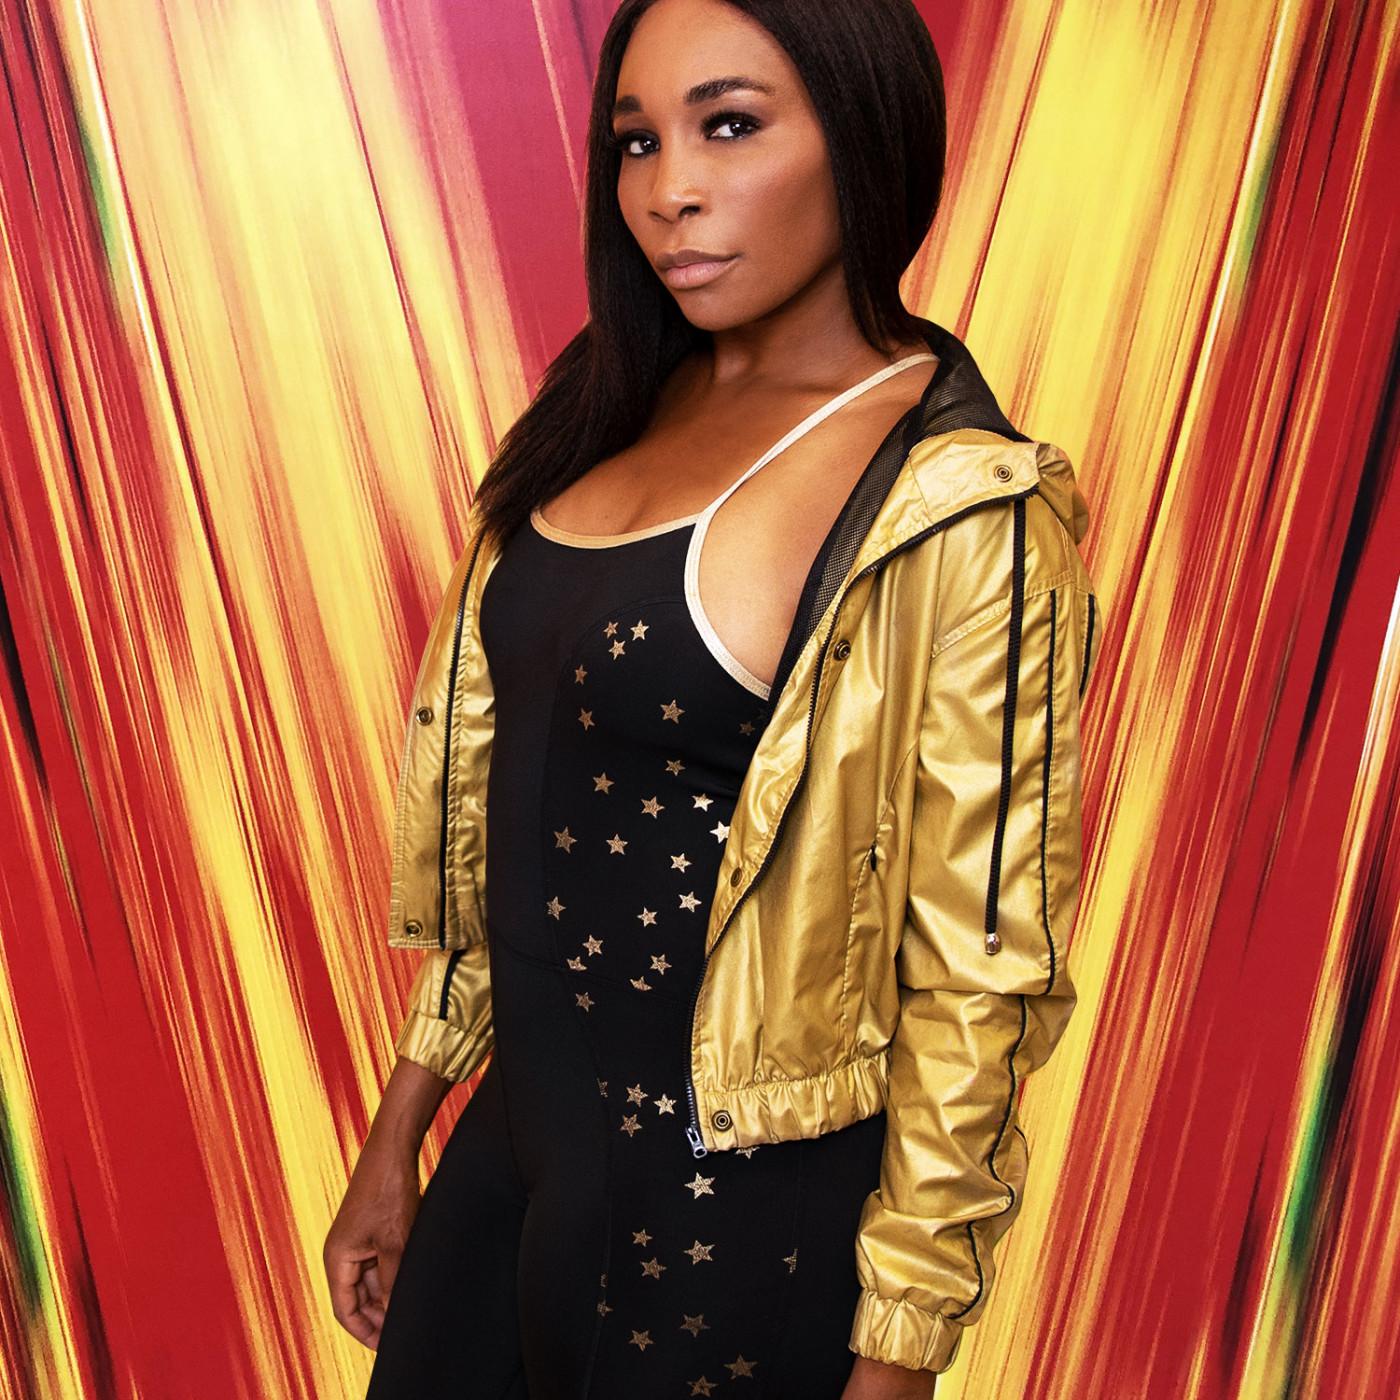 Venus Williams Announces EleVen x Wonder Woman Collection